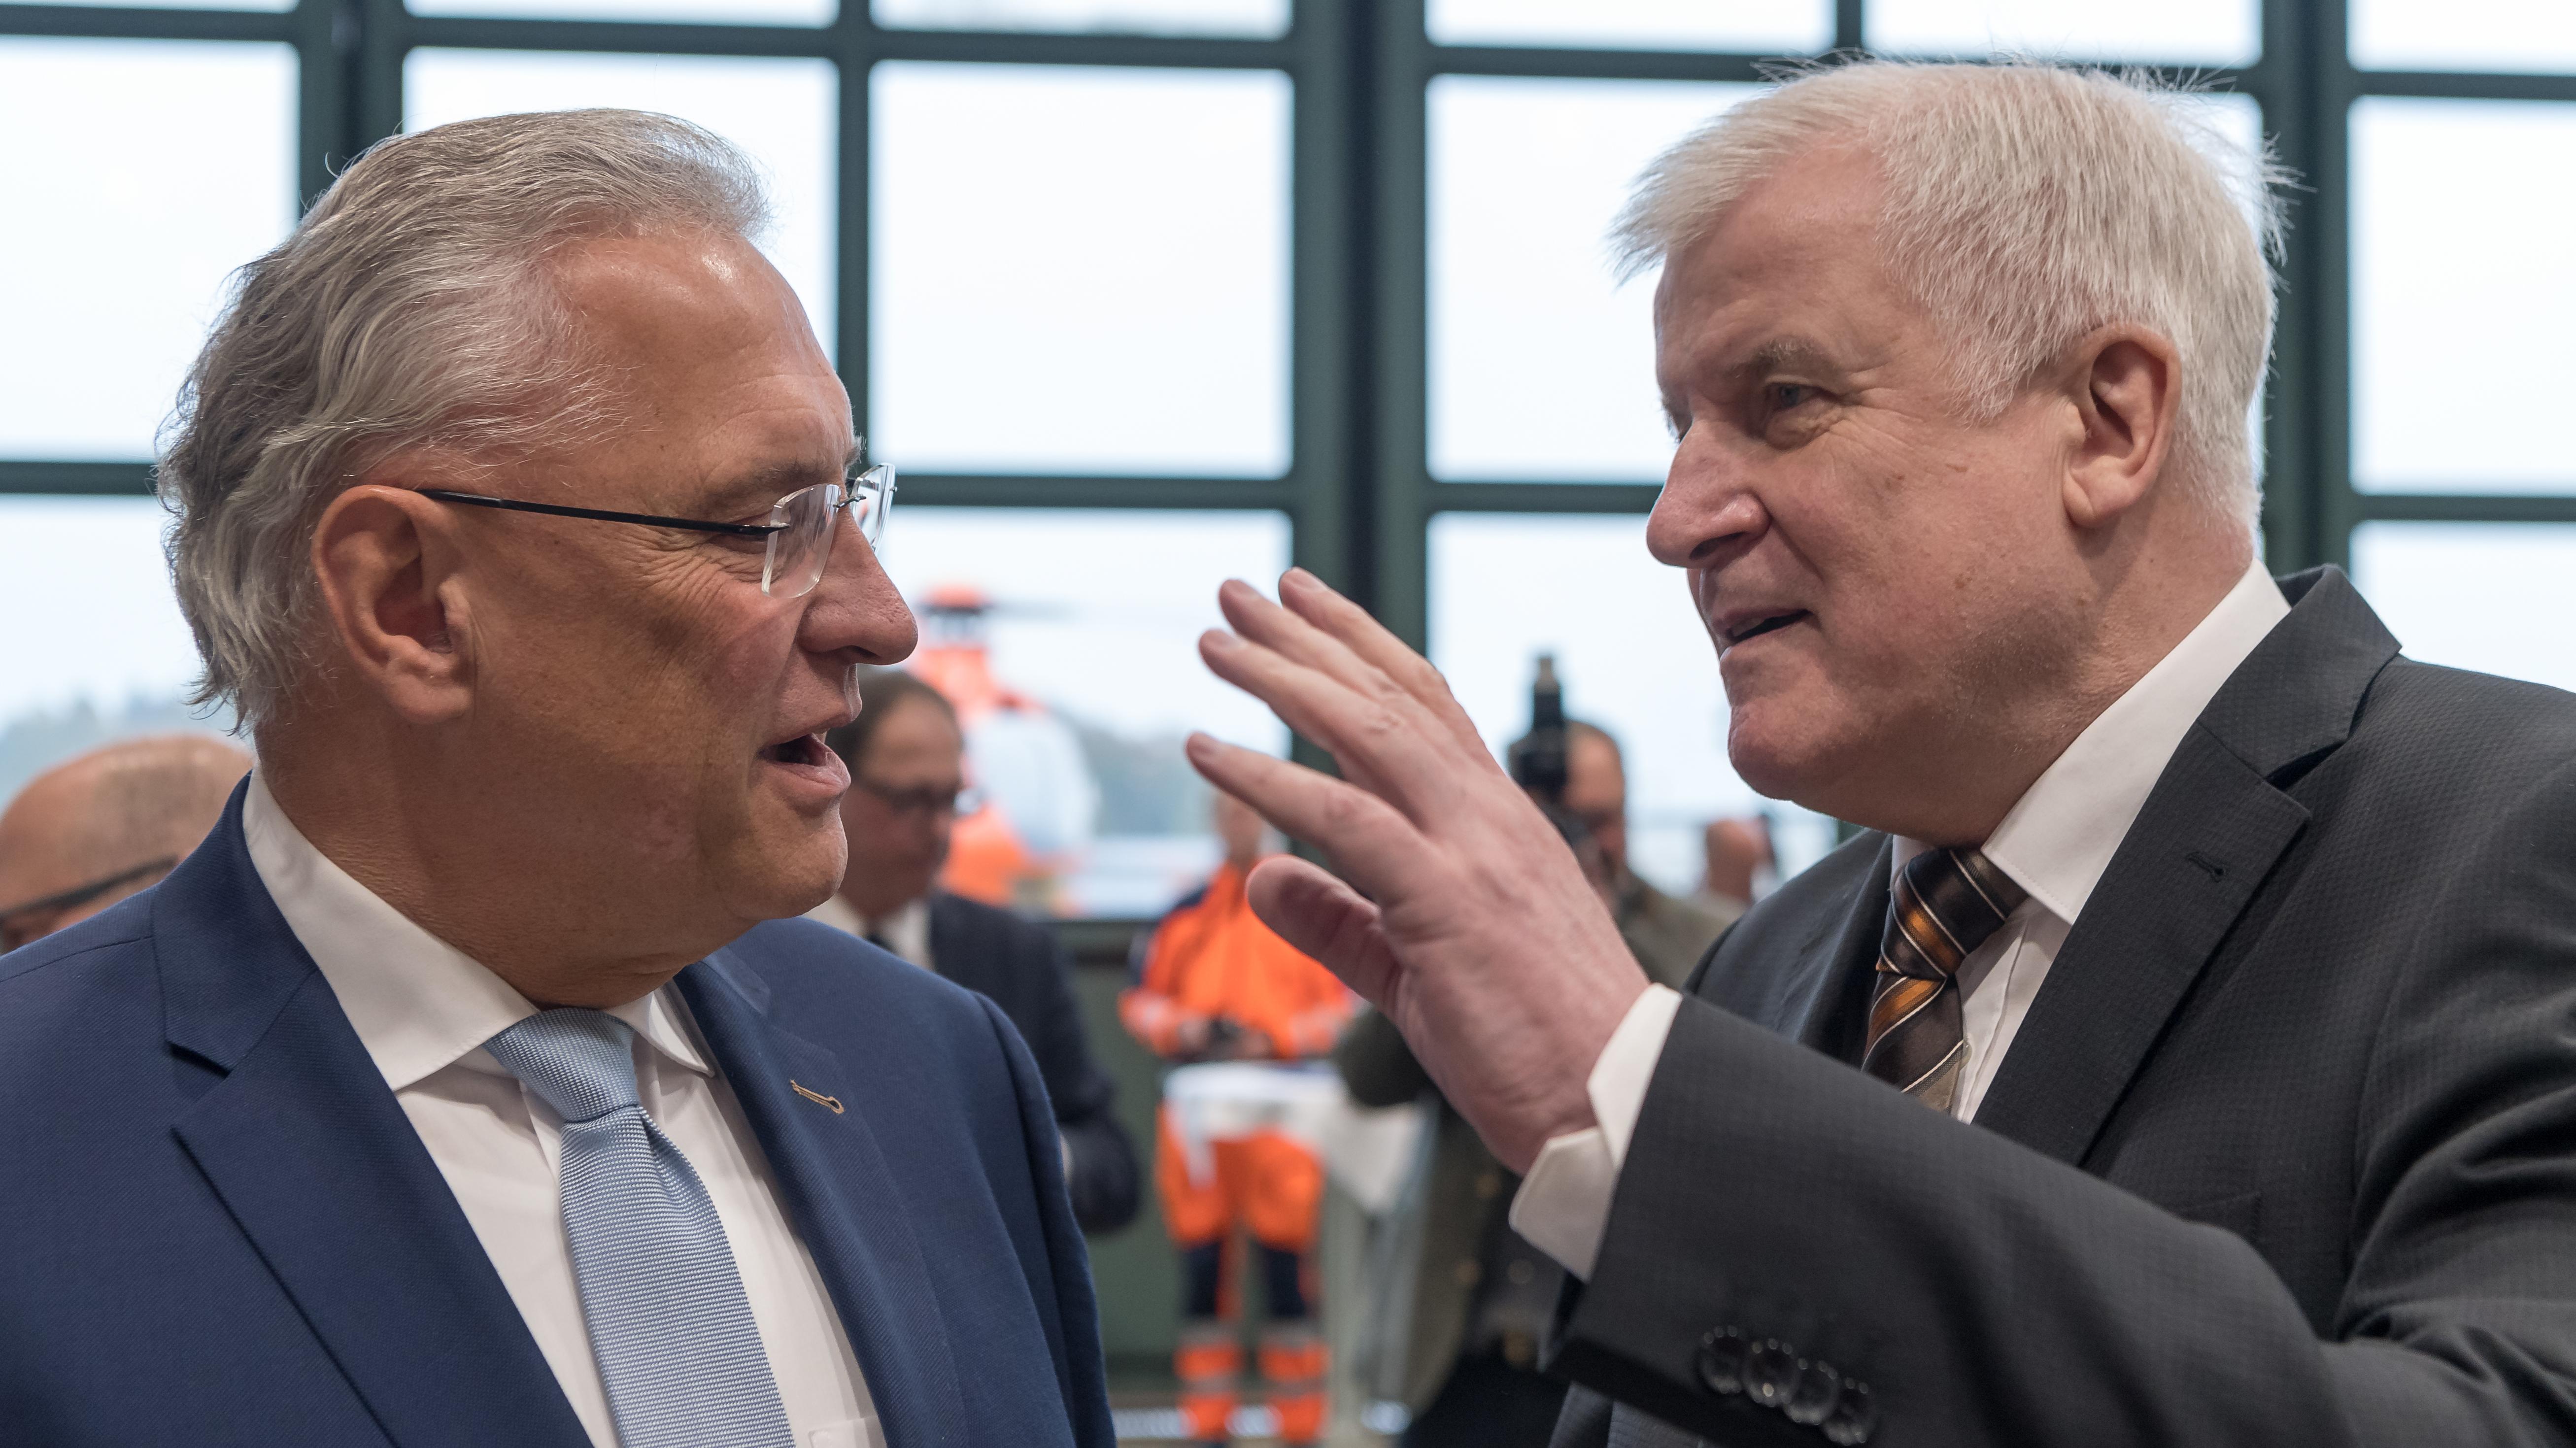 Bayerns Innenminister Joachim Herrmann und Bundesinnenminister Horst Seehofer